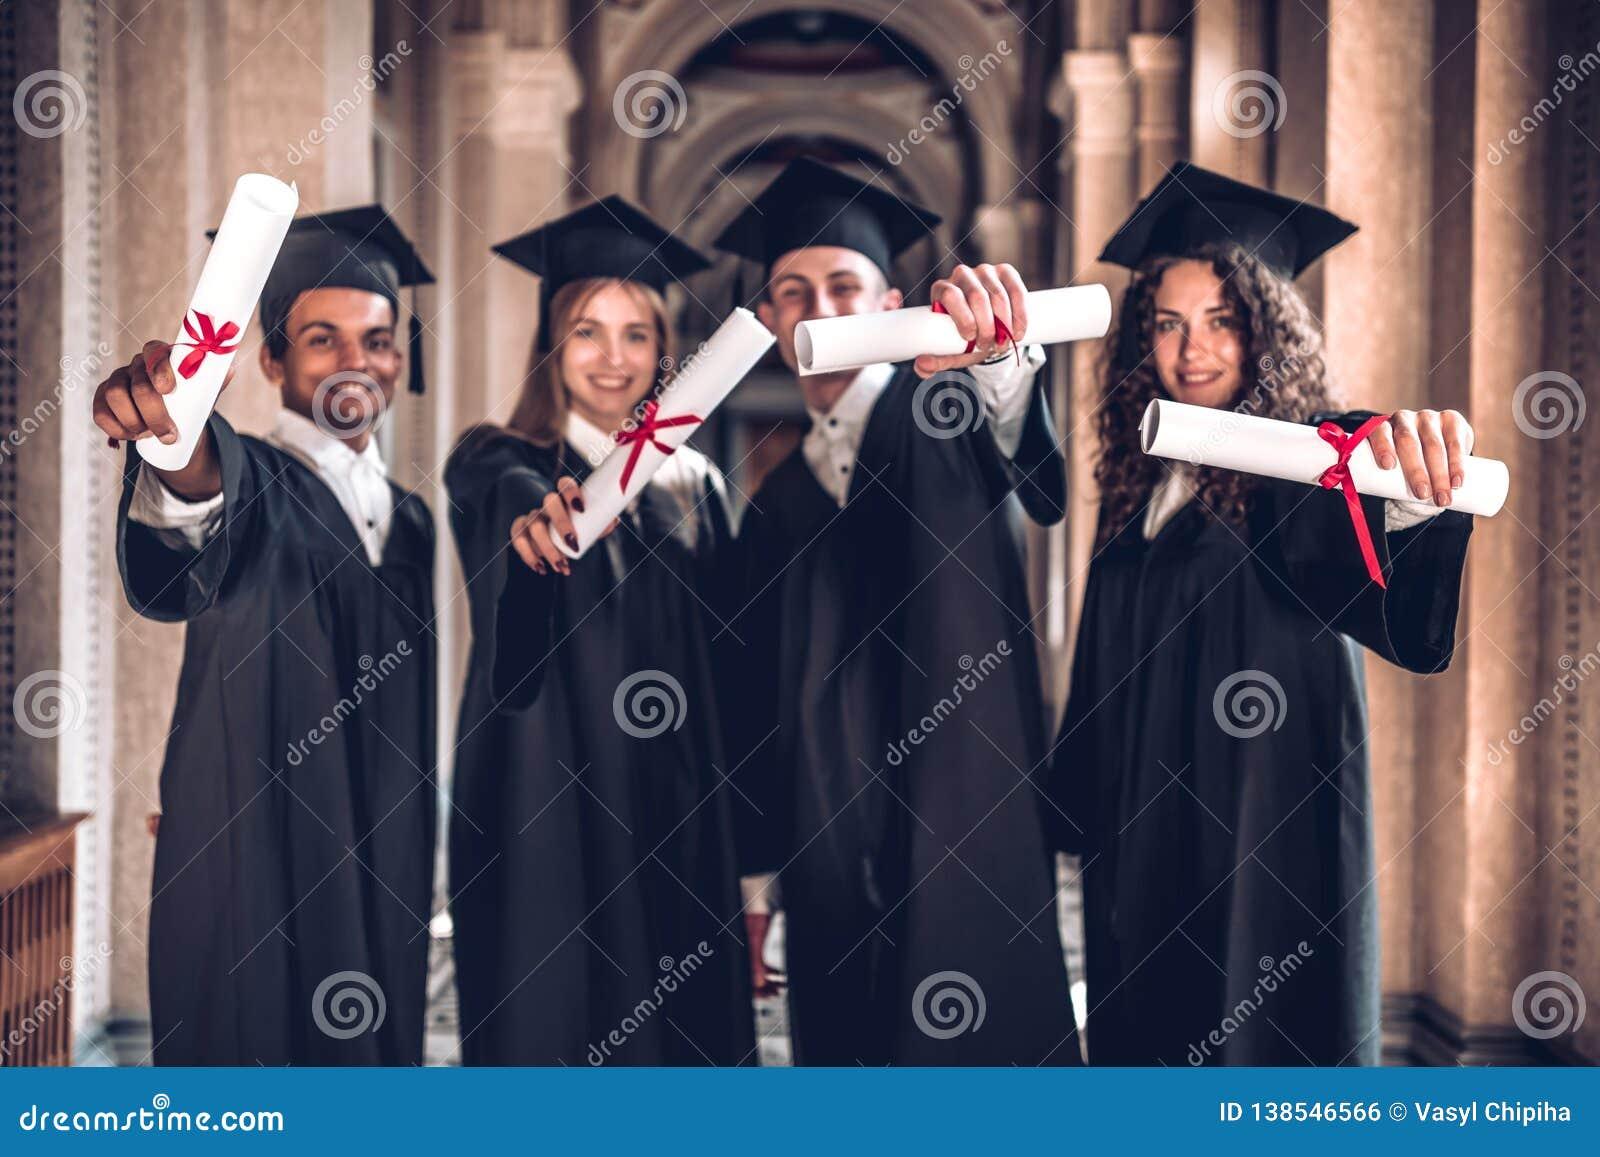 Abbiamo lavorato duro ed abbiamo ottenuto i risultati! Gruppo di laureati sorridenti che mostrano i loro diplomi, stando insieme